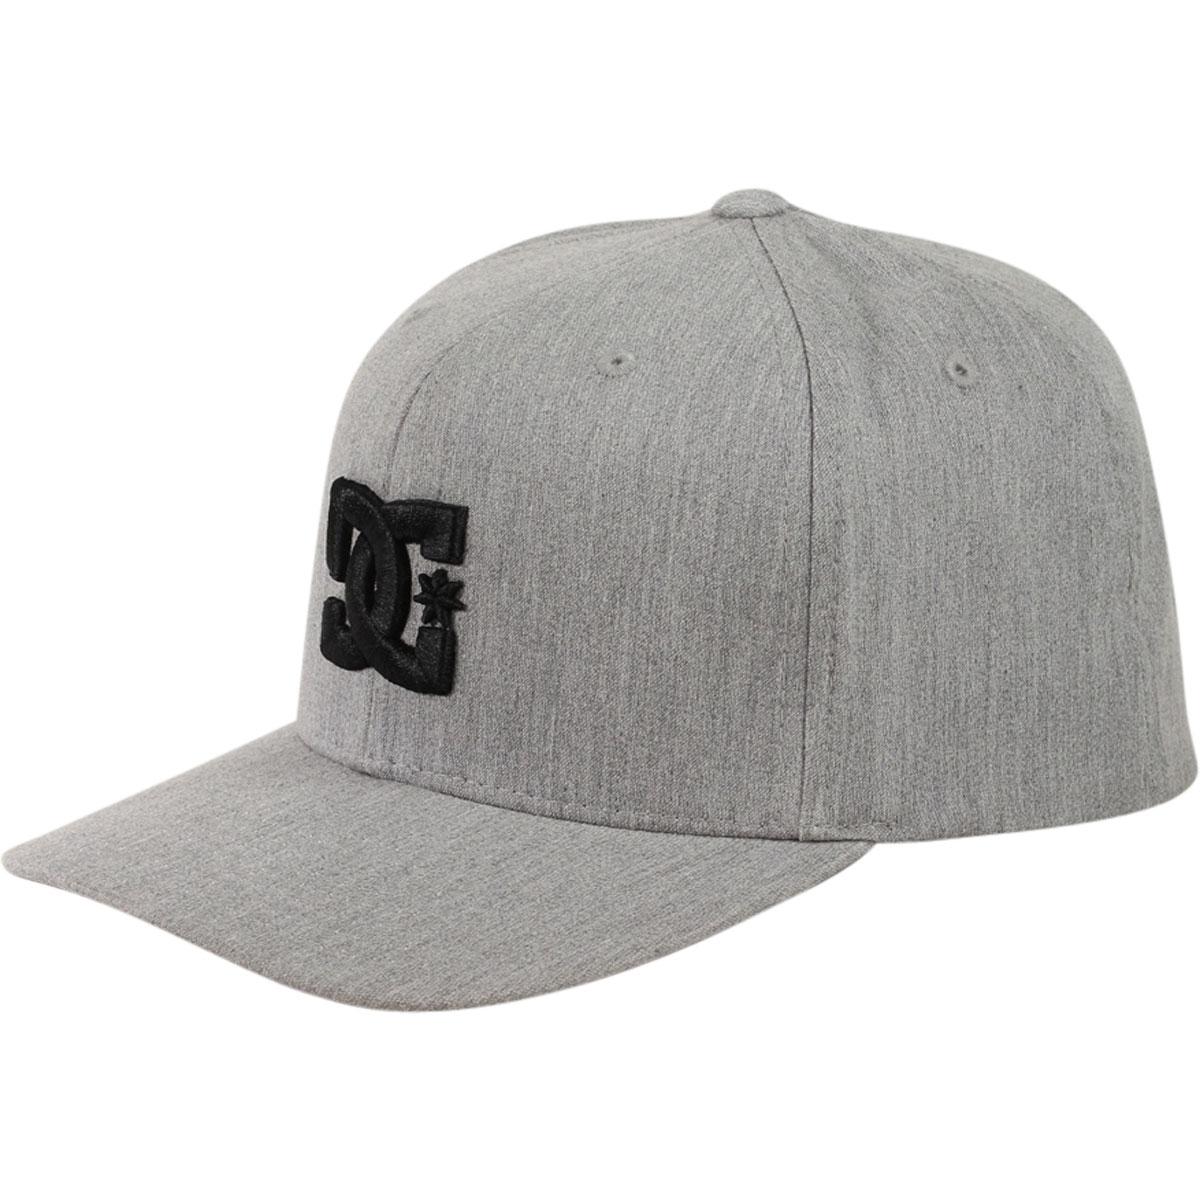 d036e805617 DC Shoes Men s Hatstar-TX Flexfit Baseball Cap Hat